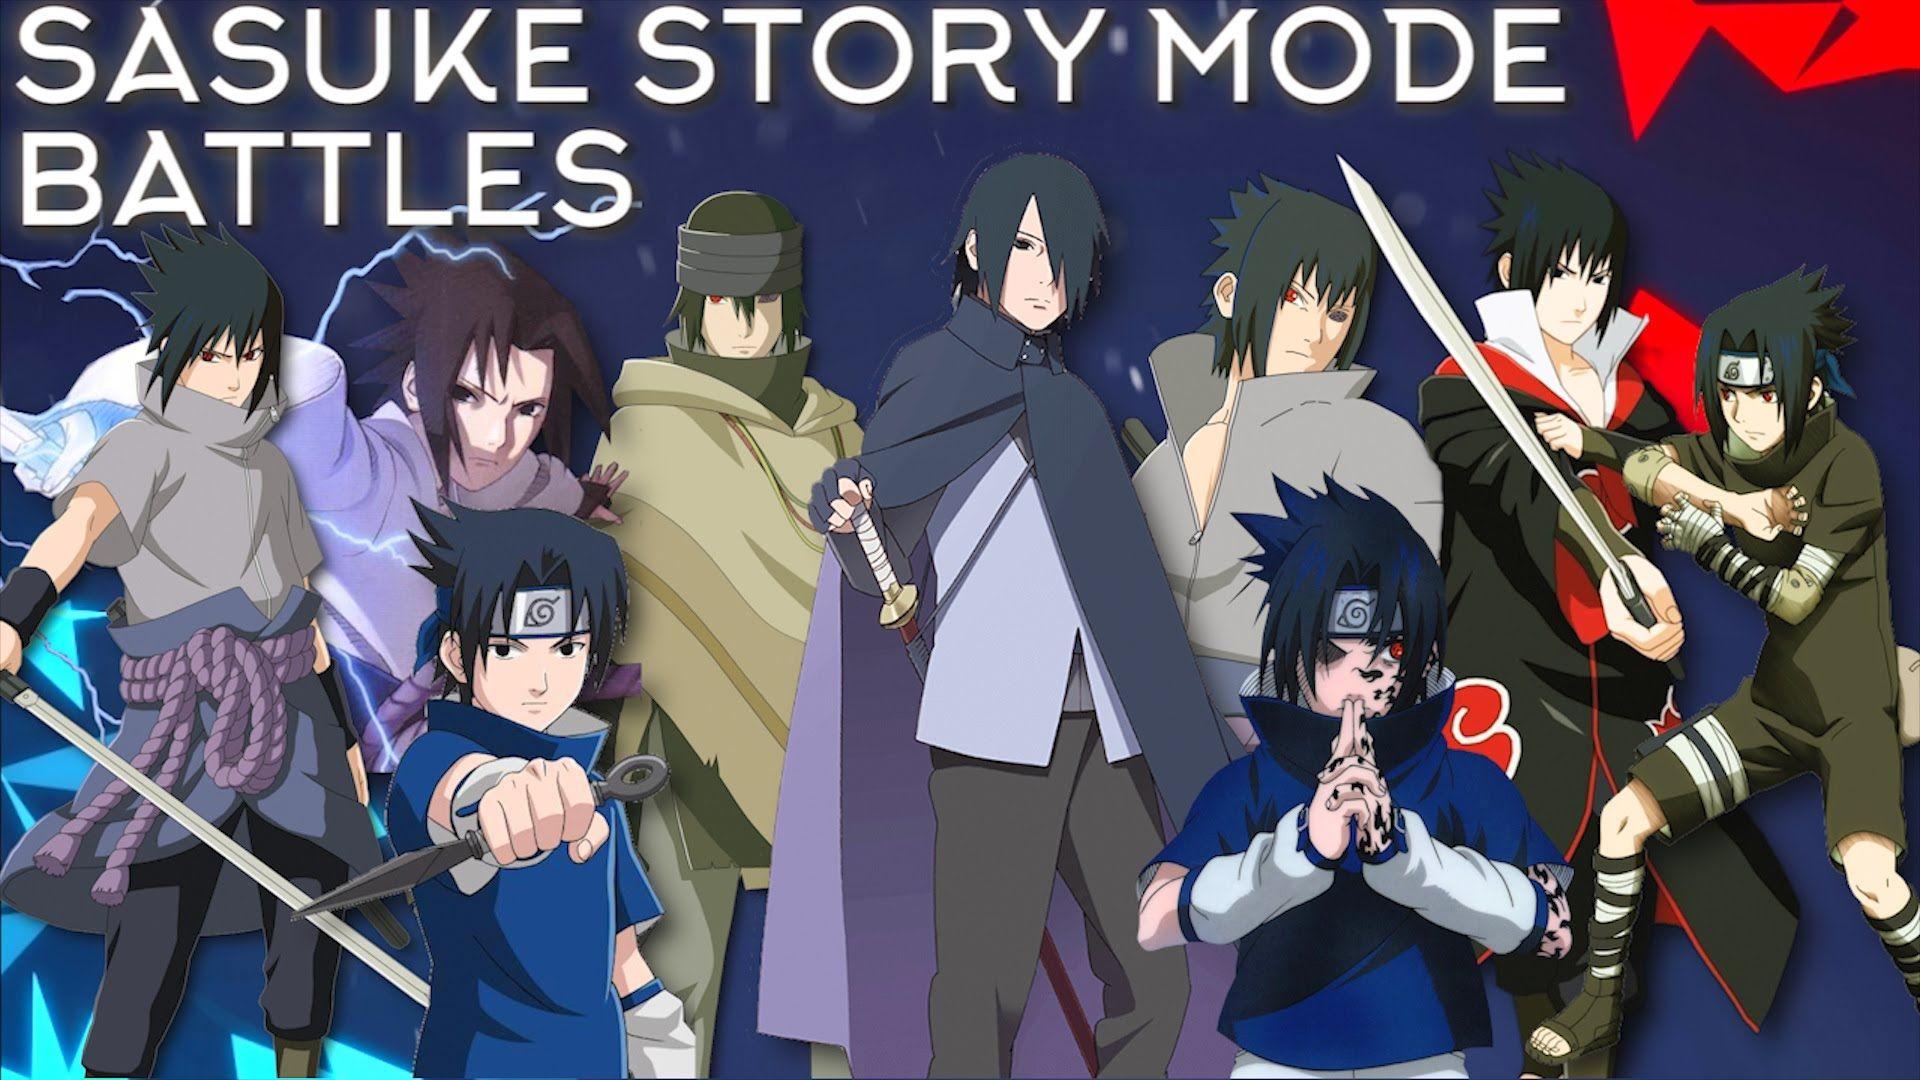 Most Inspiring Wallpaper Naruto Supreme - 2e820ead7211ae36db10b852d0ff41f7  Image.jpg